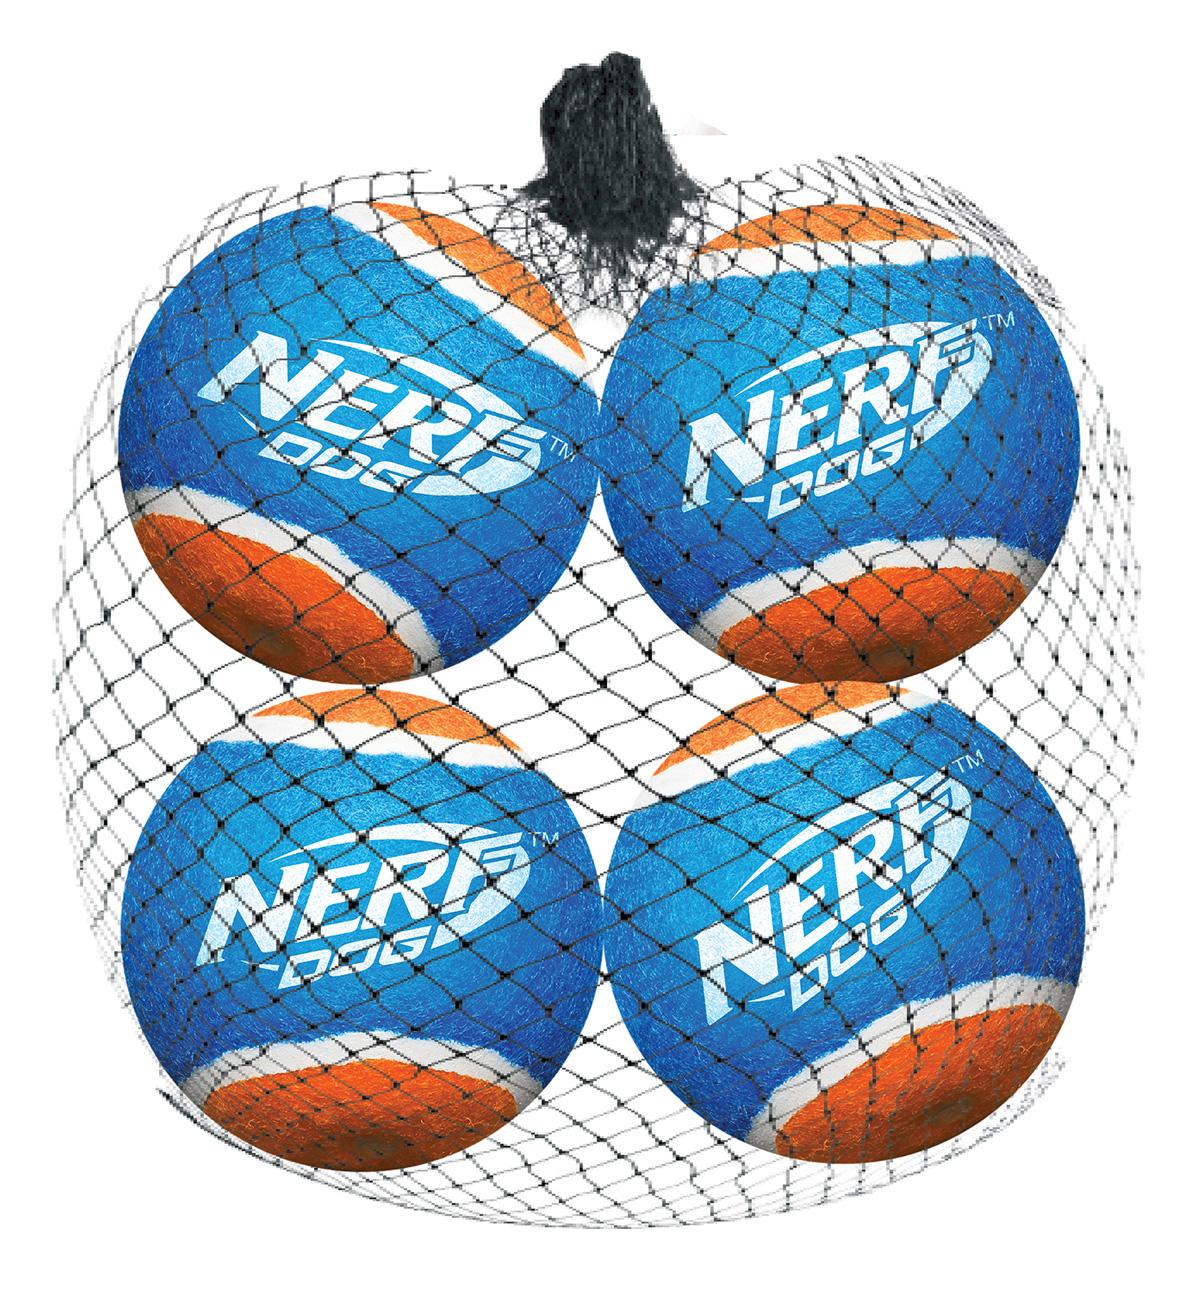 Мяч теннисный для бластера Nerf, диаметр 6 см, 4 шт30762Высококачественные теннисные мячи для бластера NerfDog. Специально разработаны для максимальной траектории полета, безопасны, удобны для захвата. Игрушки Nerf Dog представлены в различных сериях в зависимости от рисунка, фактуры и материала, из которого они изготовлены (резина, ТПР, нейлон, пластик, каучук). Размер: 6 см.